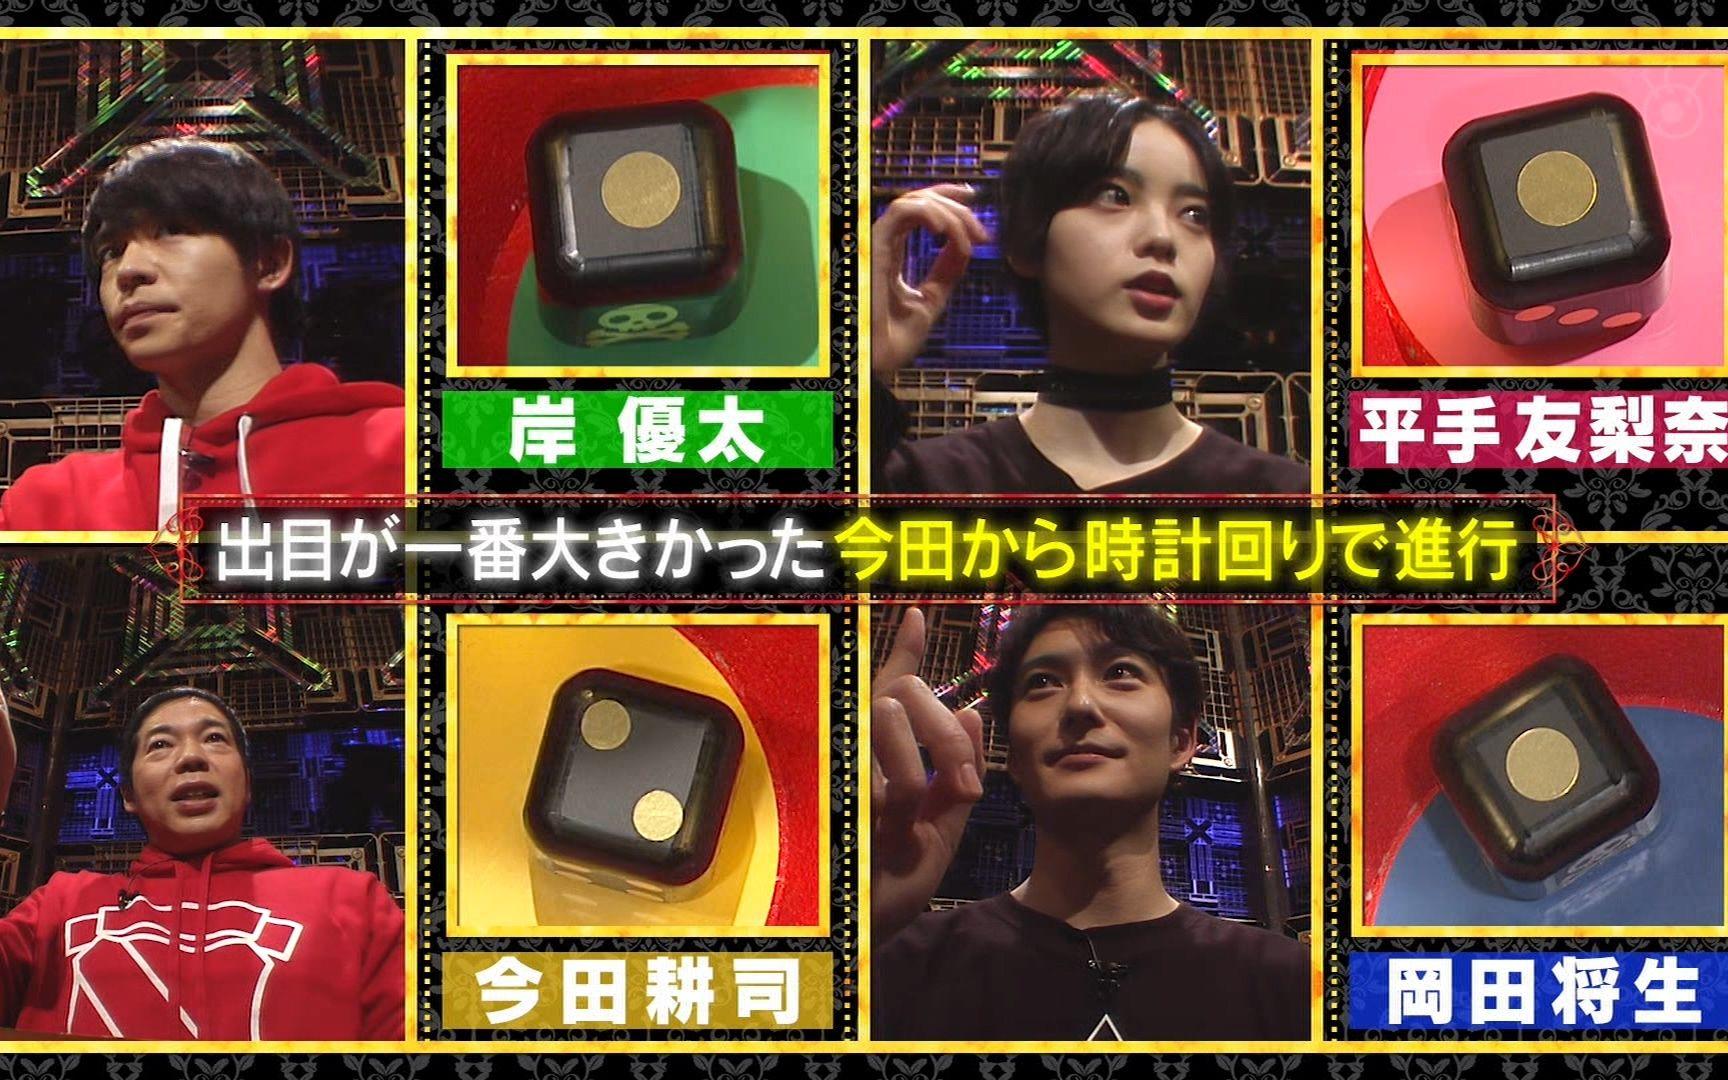 2021.01.21「VS魂」平手友梨奈 出演!映画「さんかく窓の外側は夜」チーム!